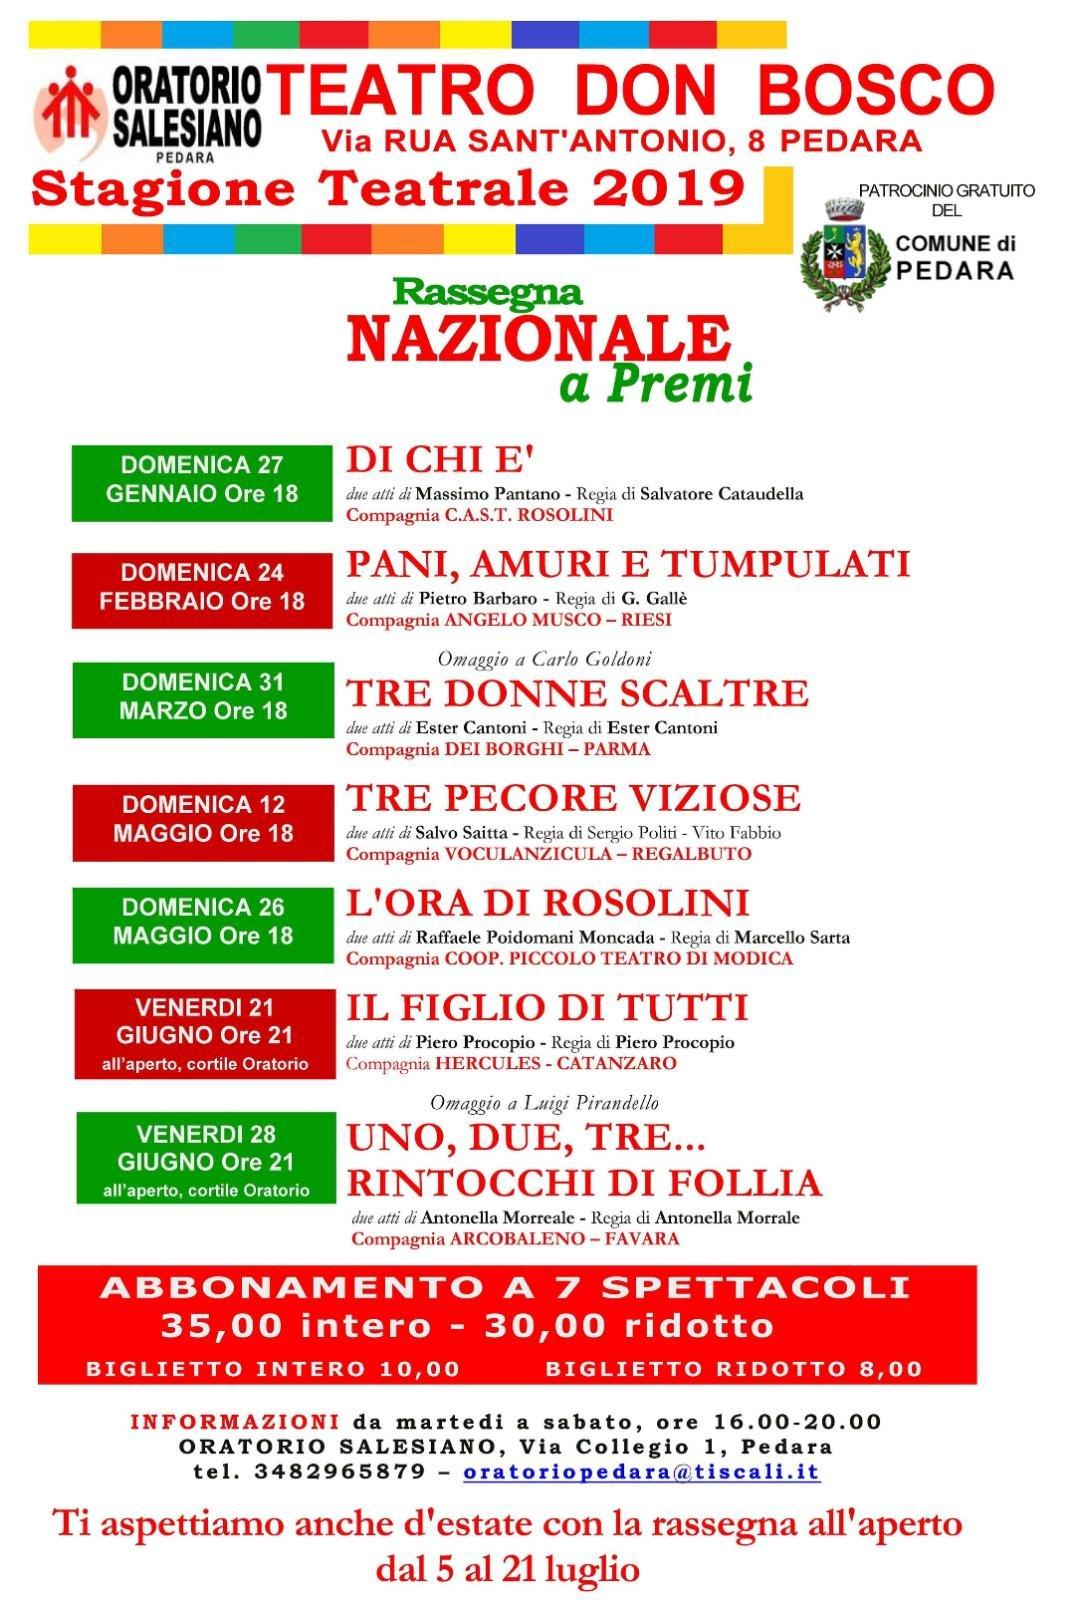 Comune di pedara sito ufficiale for Sito parlamento italiano